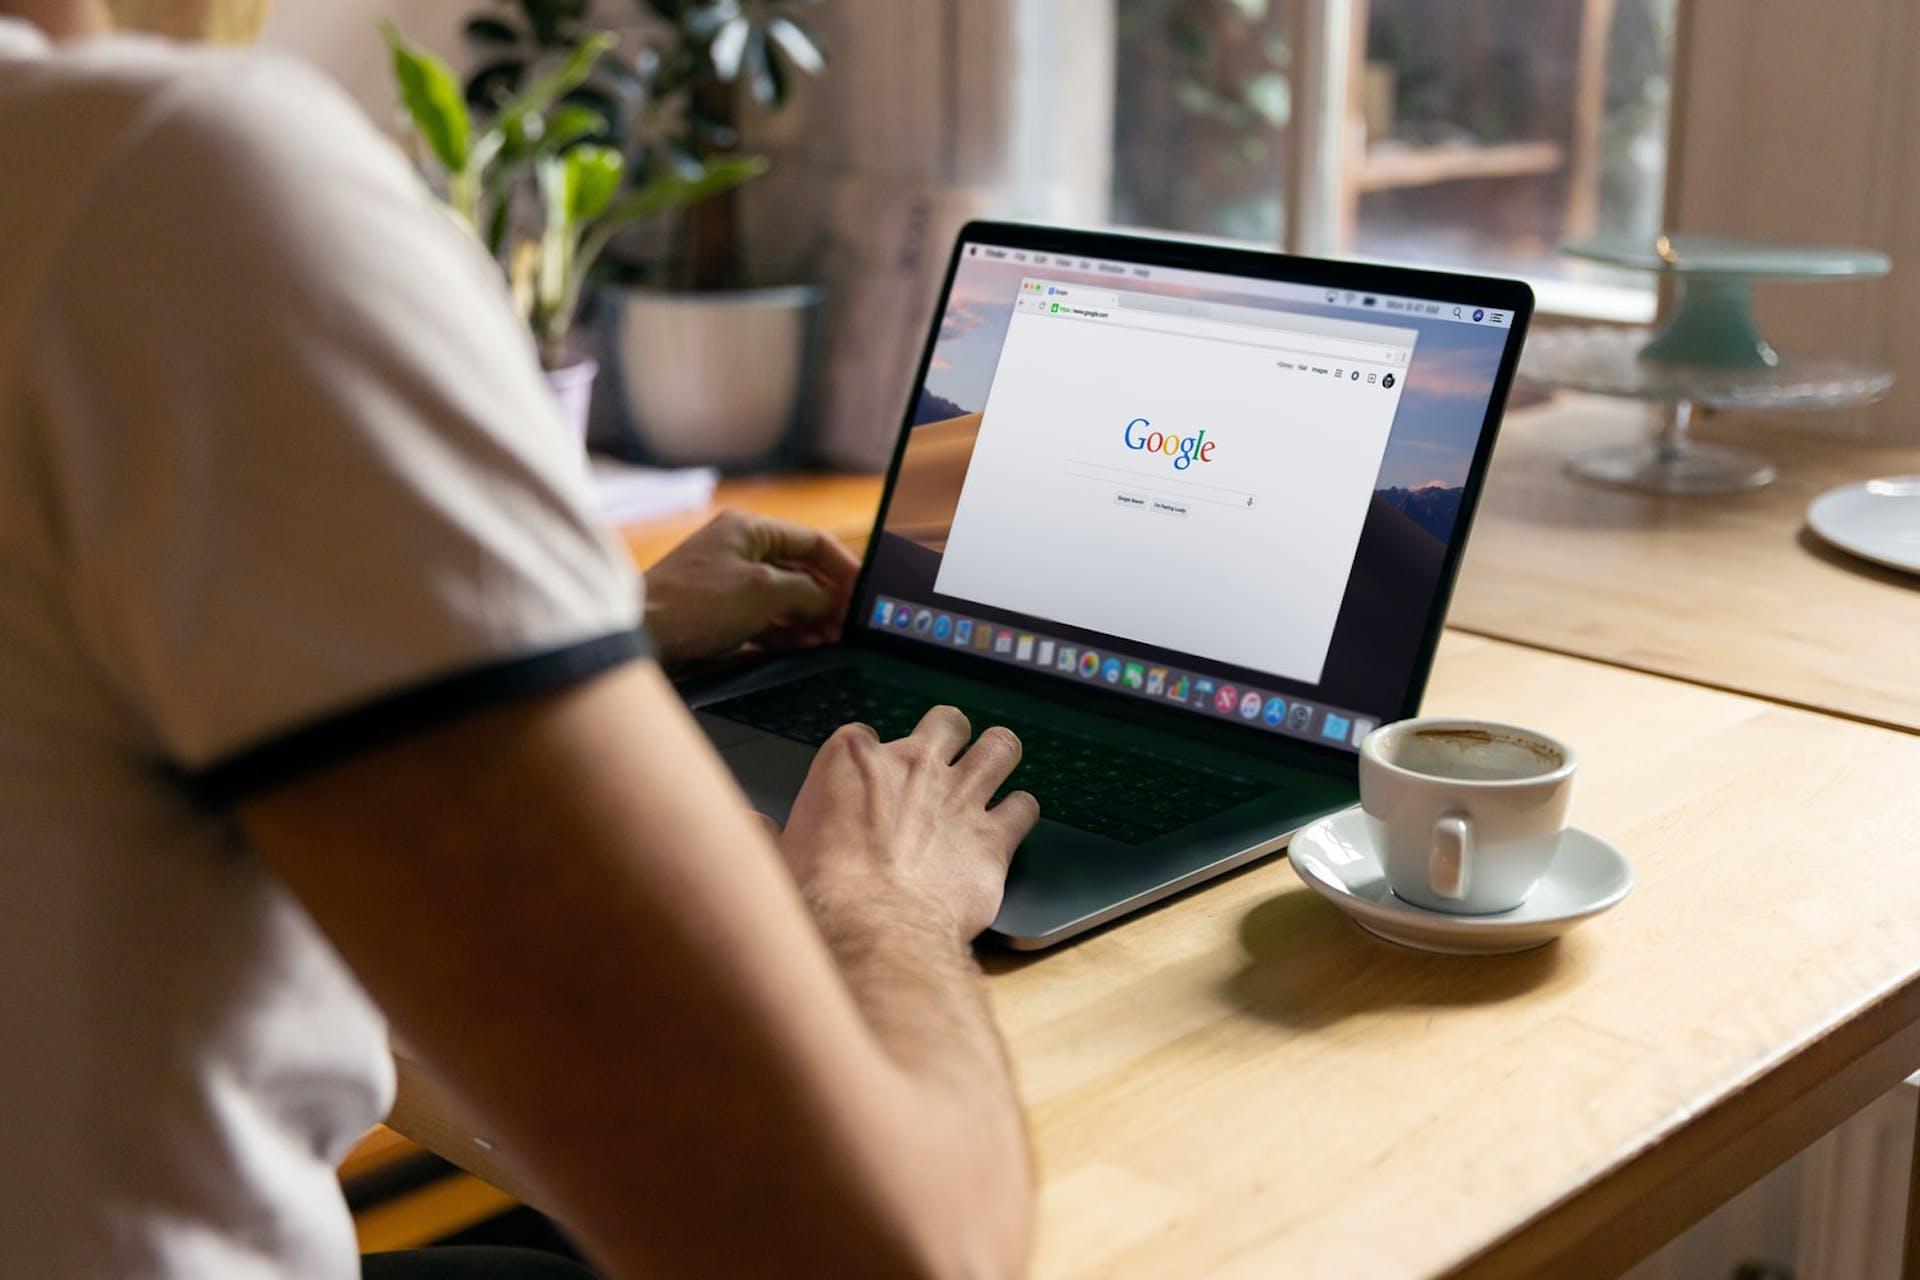 ¿Cómo usar Google Trends en tu emprendimiento? Paso a paso completo